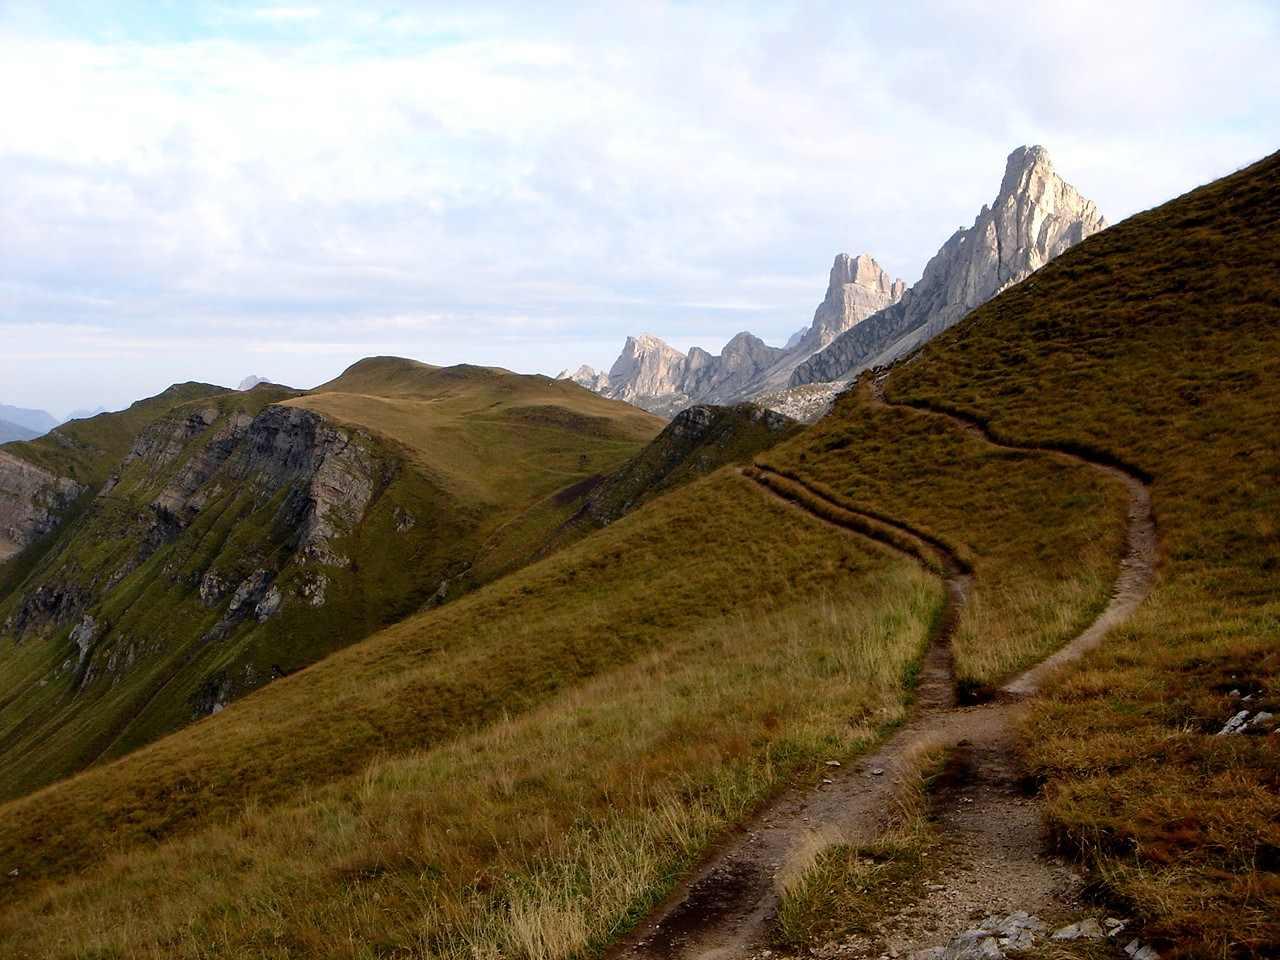 Foto: Manfred Karl / Wander Tour / Monte Cernera (2664m) / Die schönen Almwiesen um den Passo Giau stellen einen wunderbaren Gegensatz zu den schroffen Dolomitengipfeln dar. / 05.05.2007 19:22:23